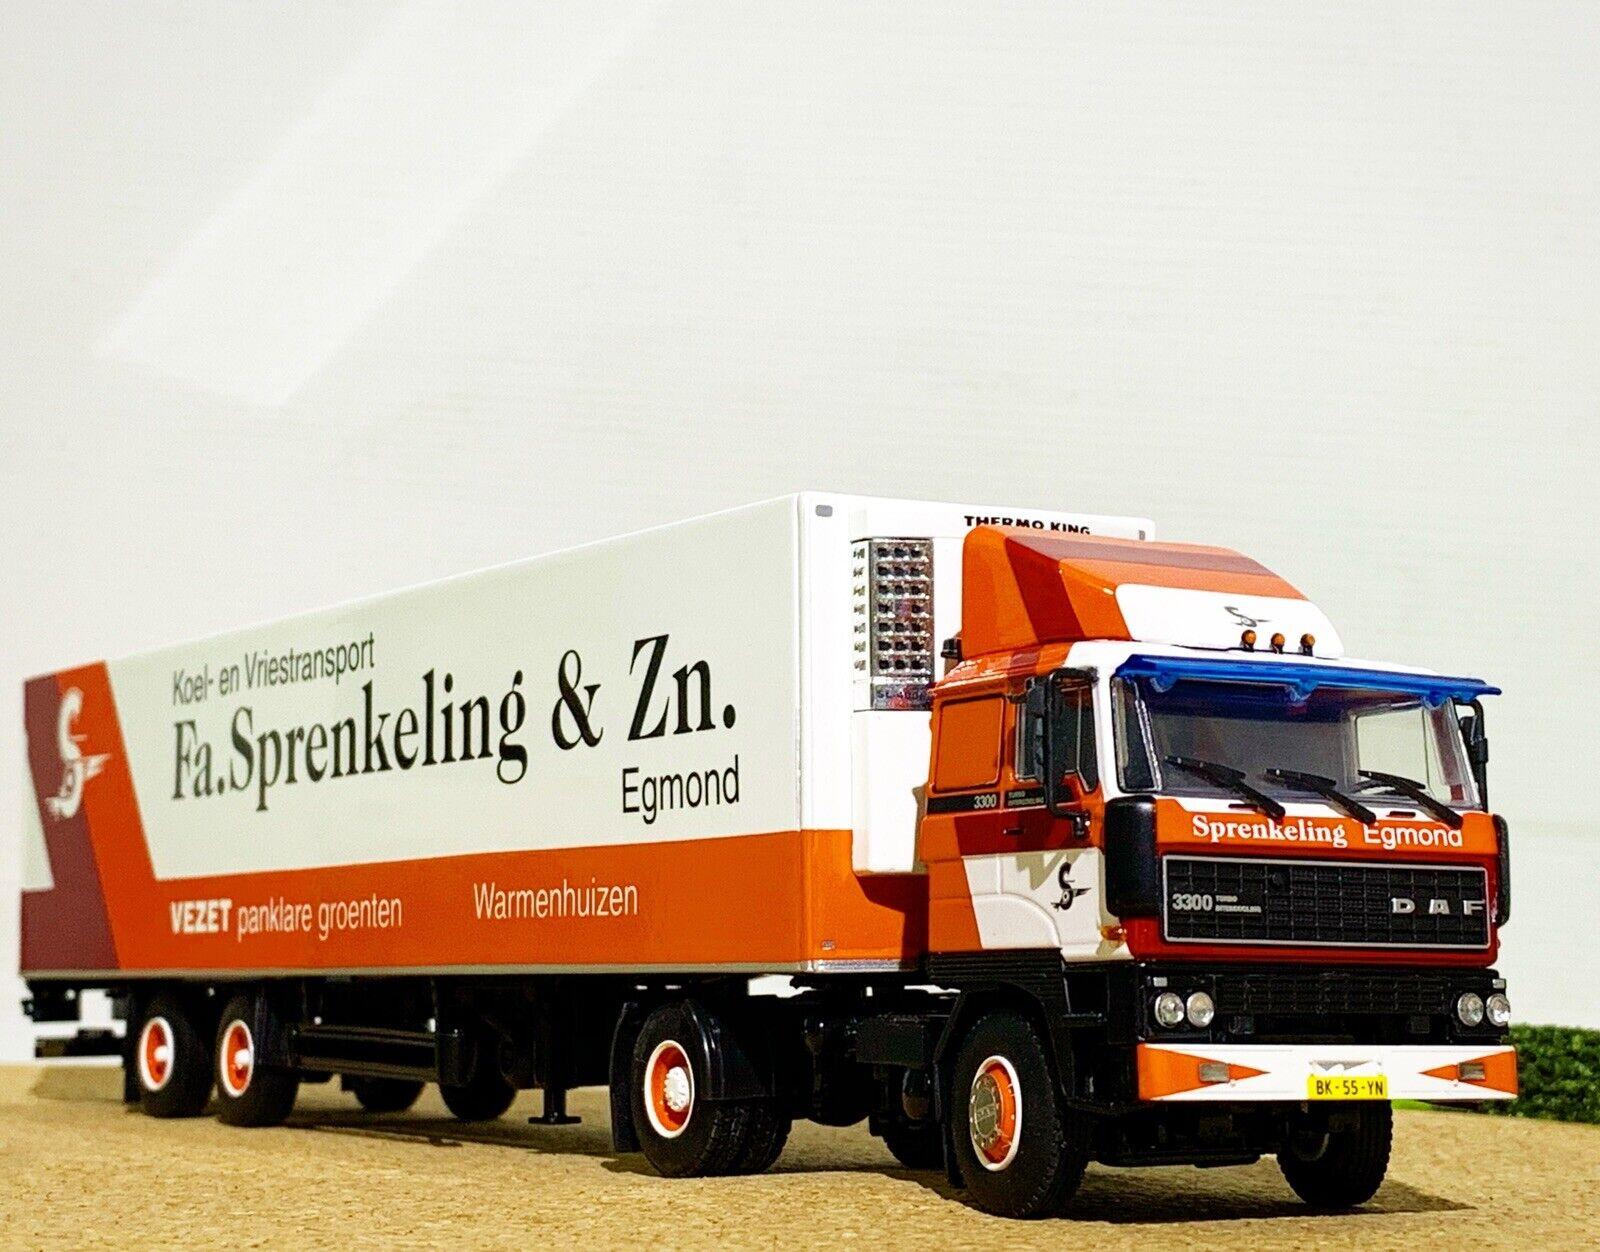 WSI camión Modelos, DAF 3300,4x2 hierba Remolque 2 Eje  Fa. sprenkeling & Zn